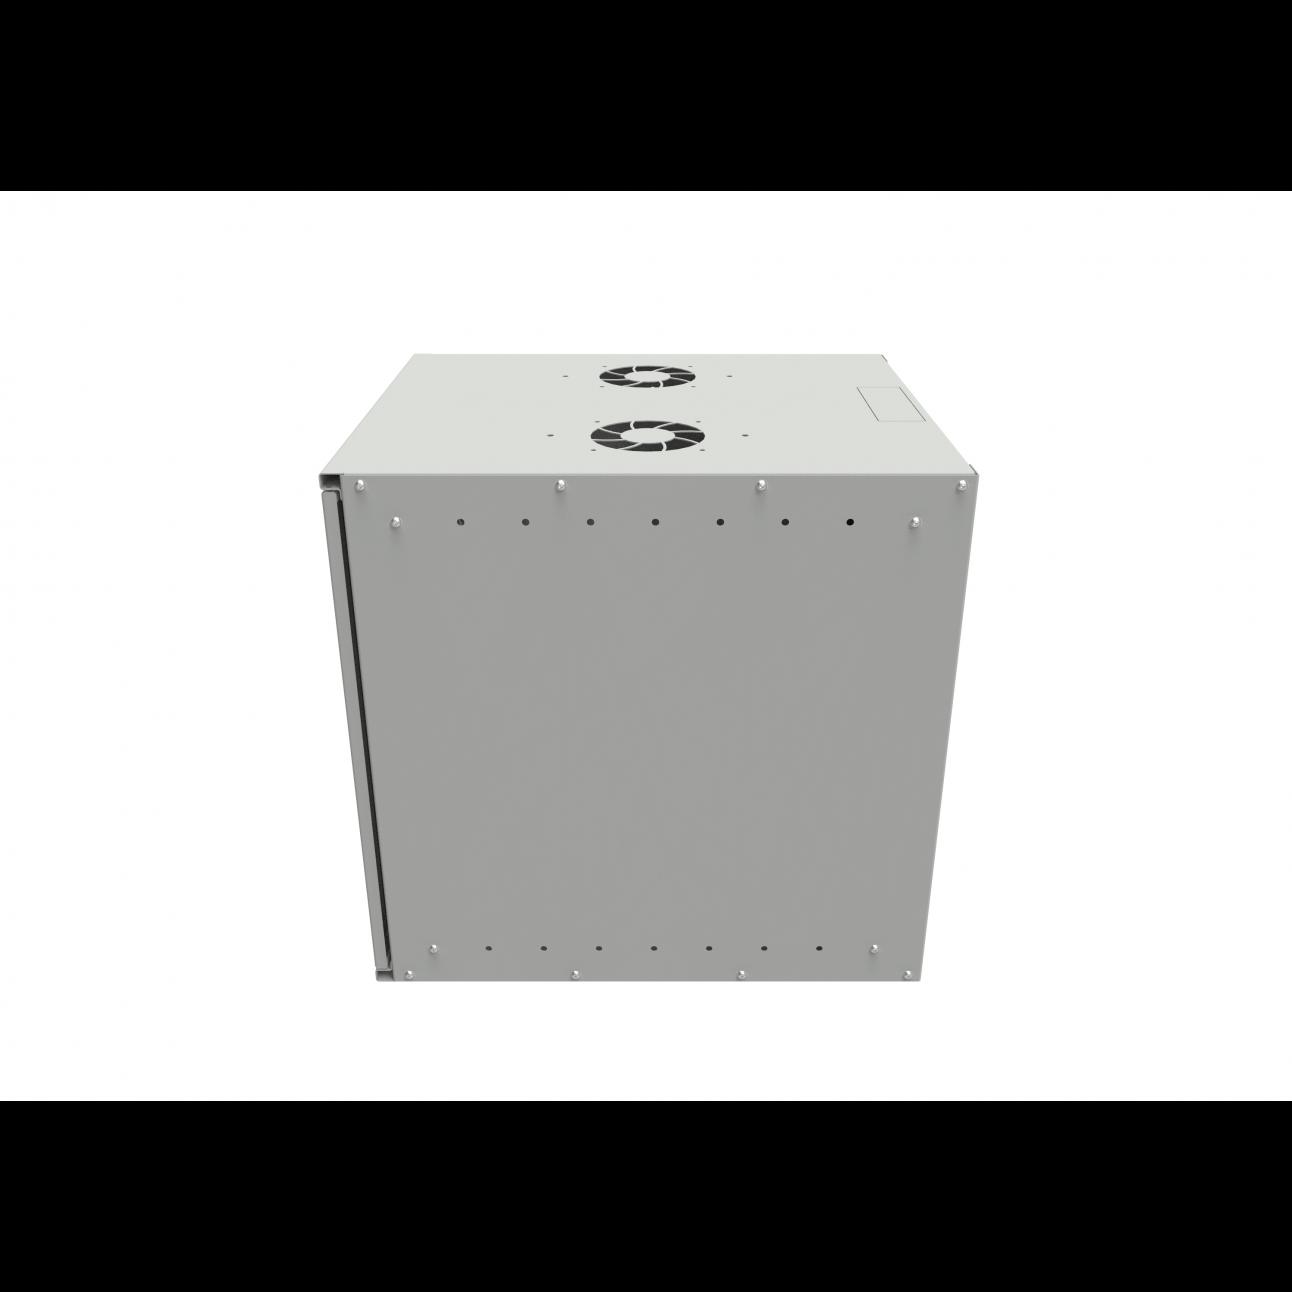 Шкаф телекоммуникационный настенный SNR-BNP6012-M, 12U, 580х520х600 мм (дверь металлическая)